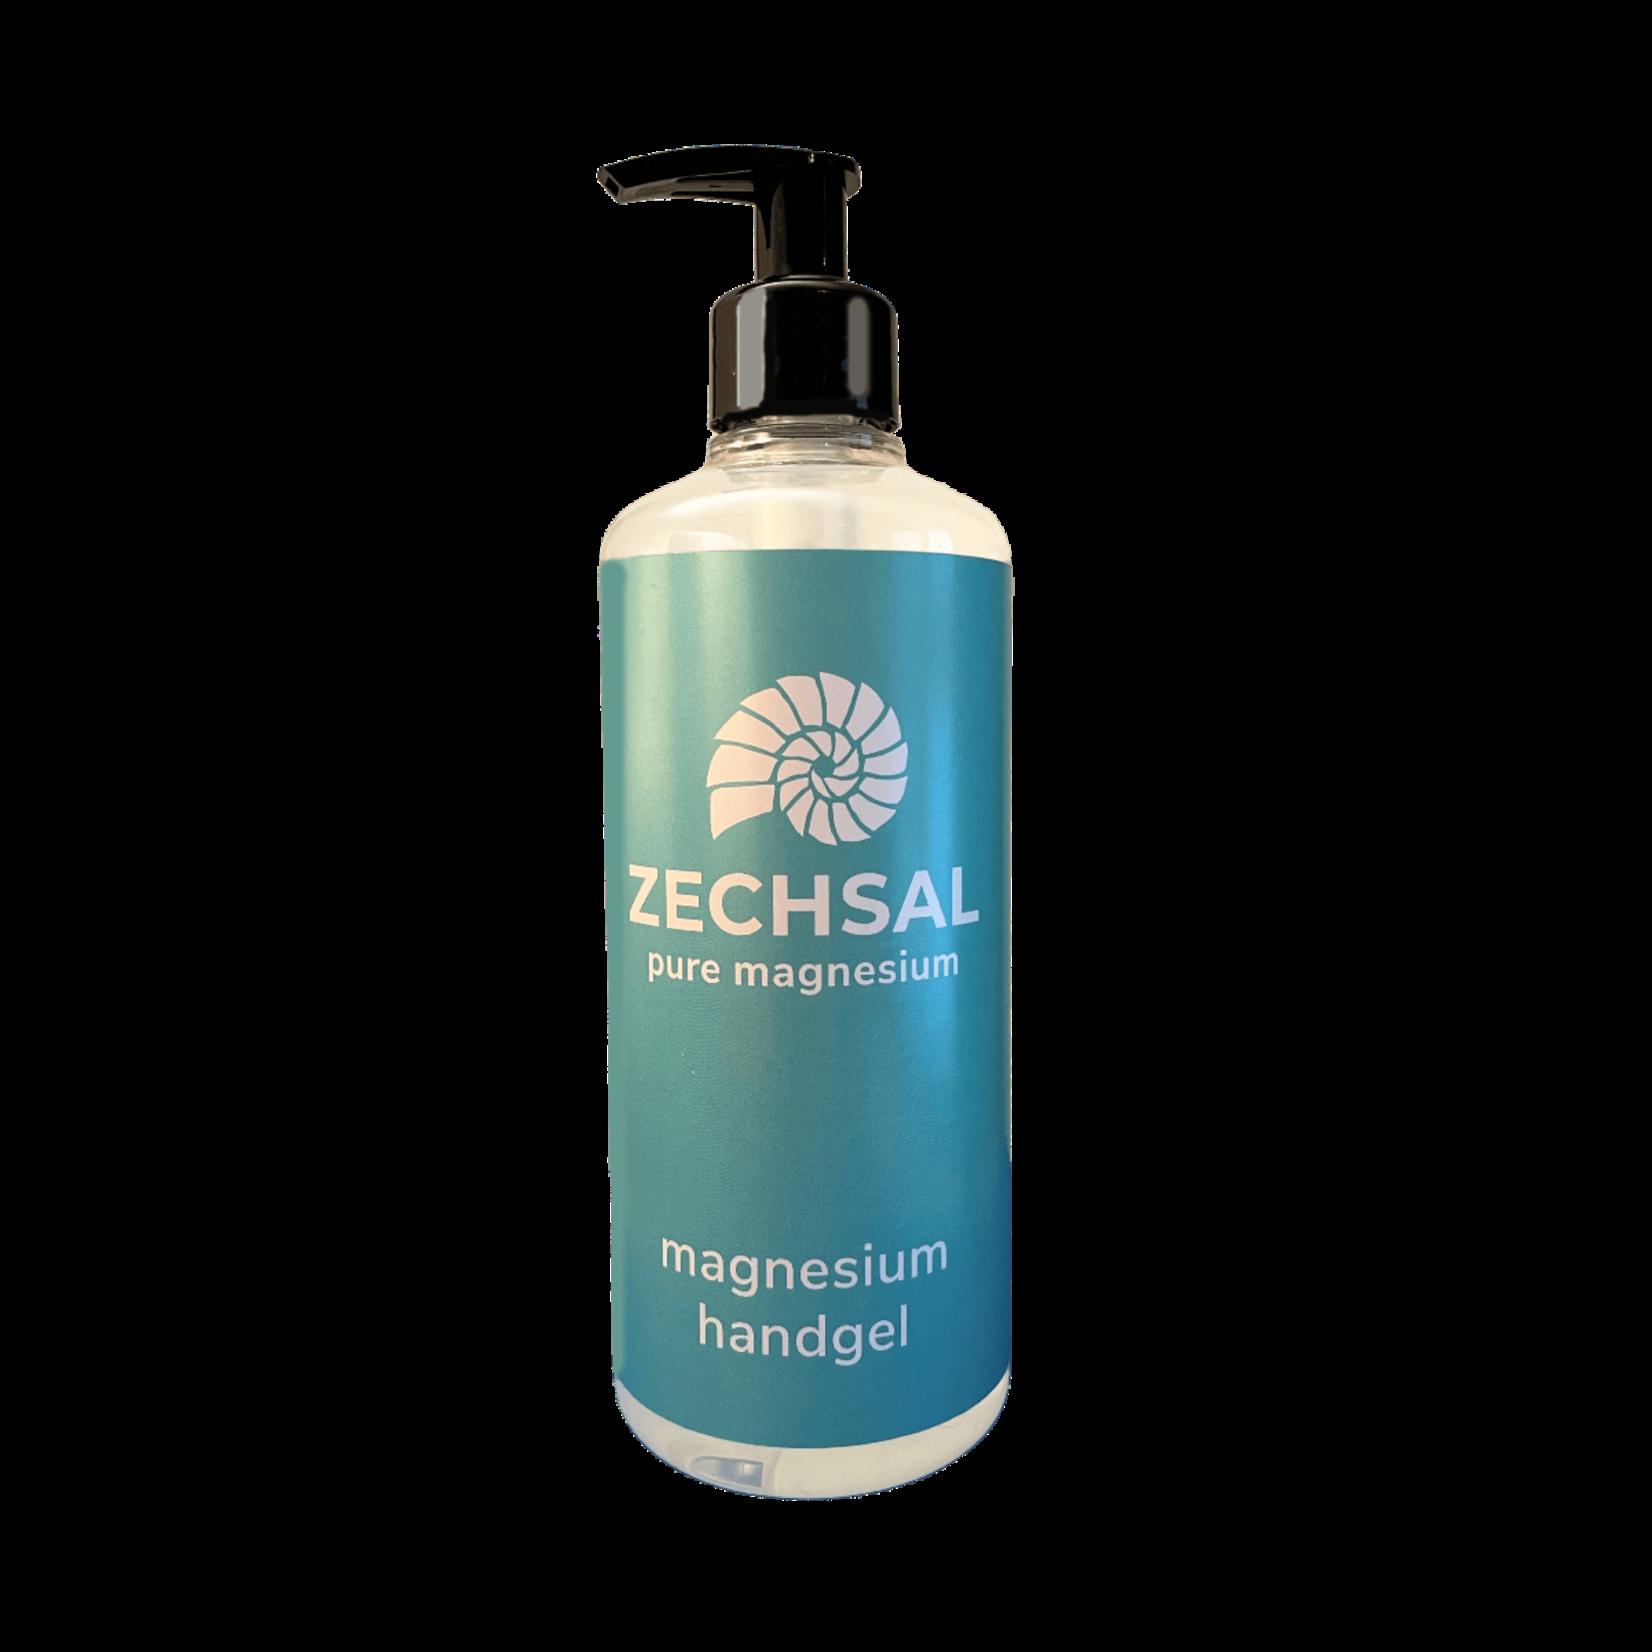 Zechsal Professioneel formaat Zechsal magnesium handgel  - desinfecteert én voedt 500ml